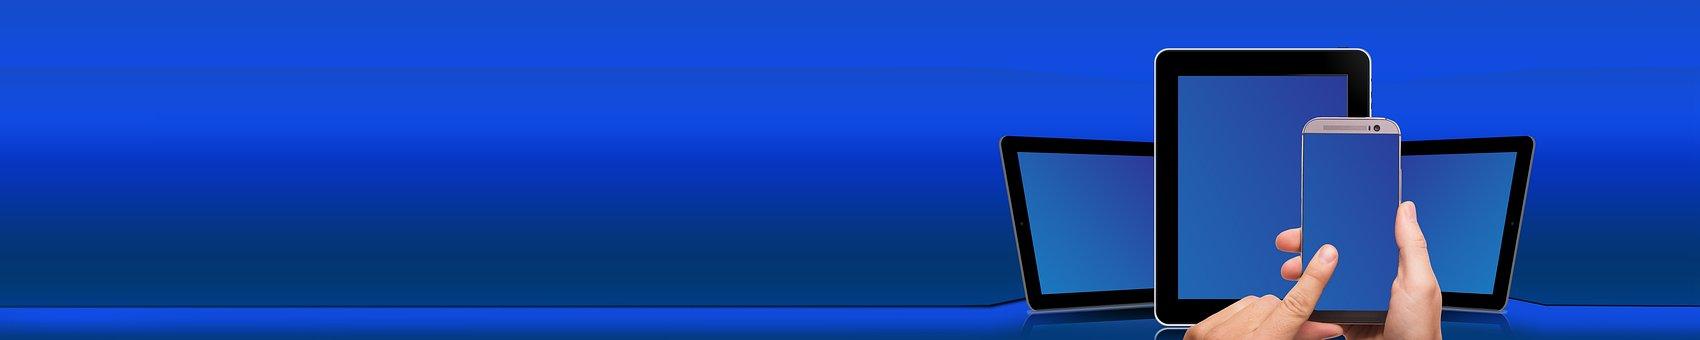 Computer, Smartphone, Online, Digital